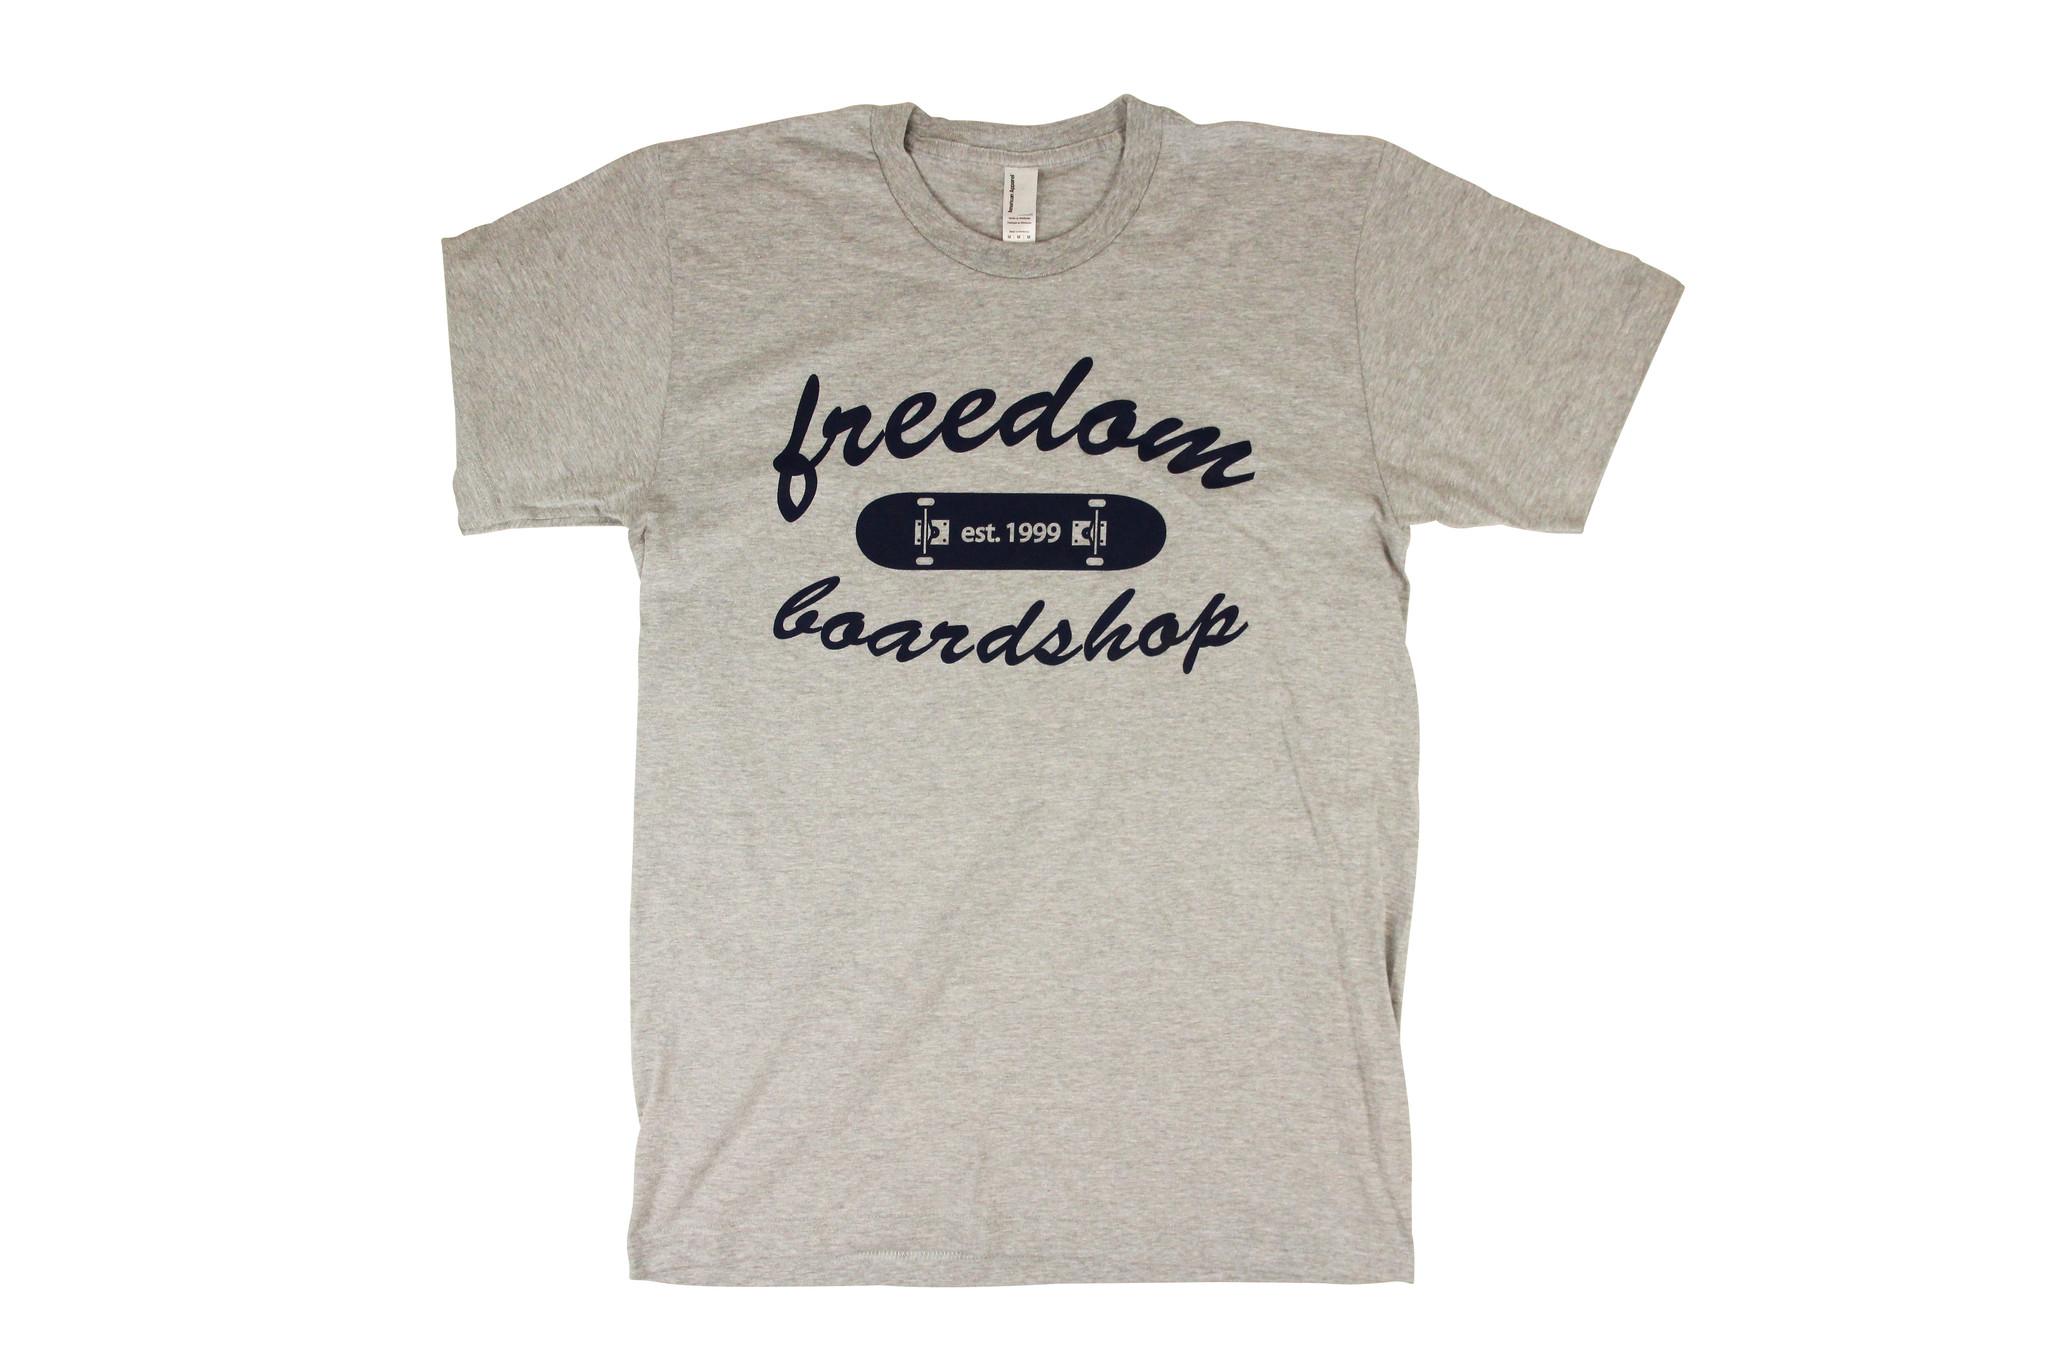 Freedom Boardshop TEE-FREEDOM SK8BOARD